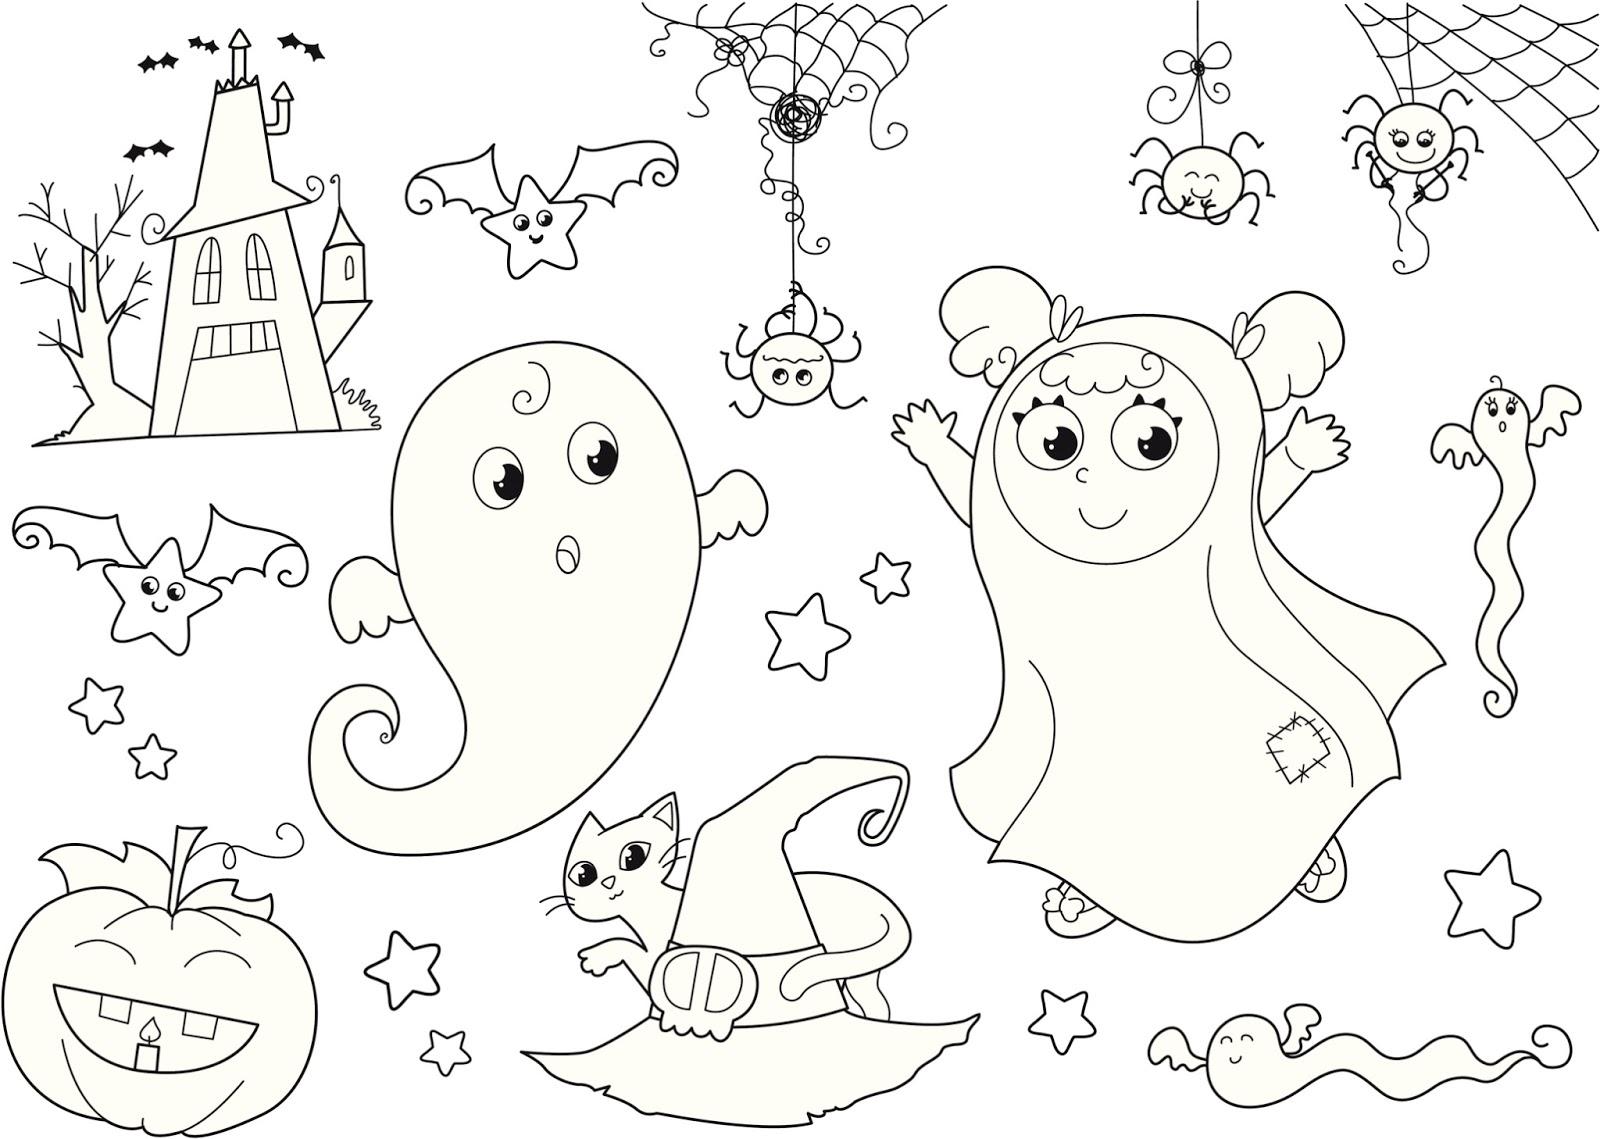 Banco de Imagenes y fotos gratis: Dibujos de Halloween para Pintar 9